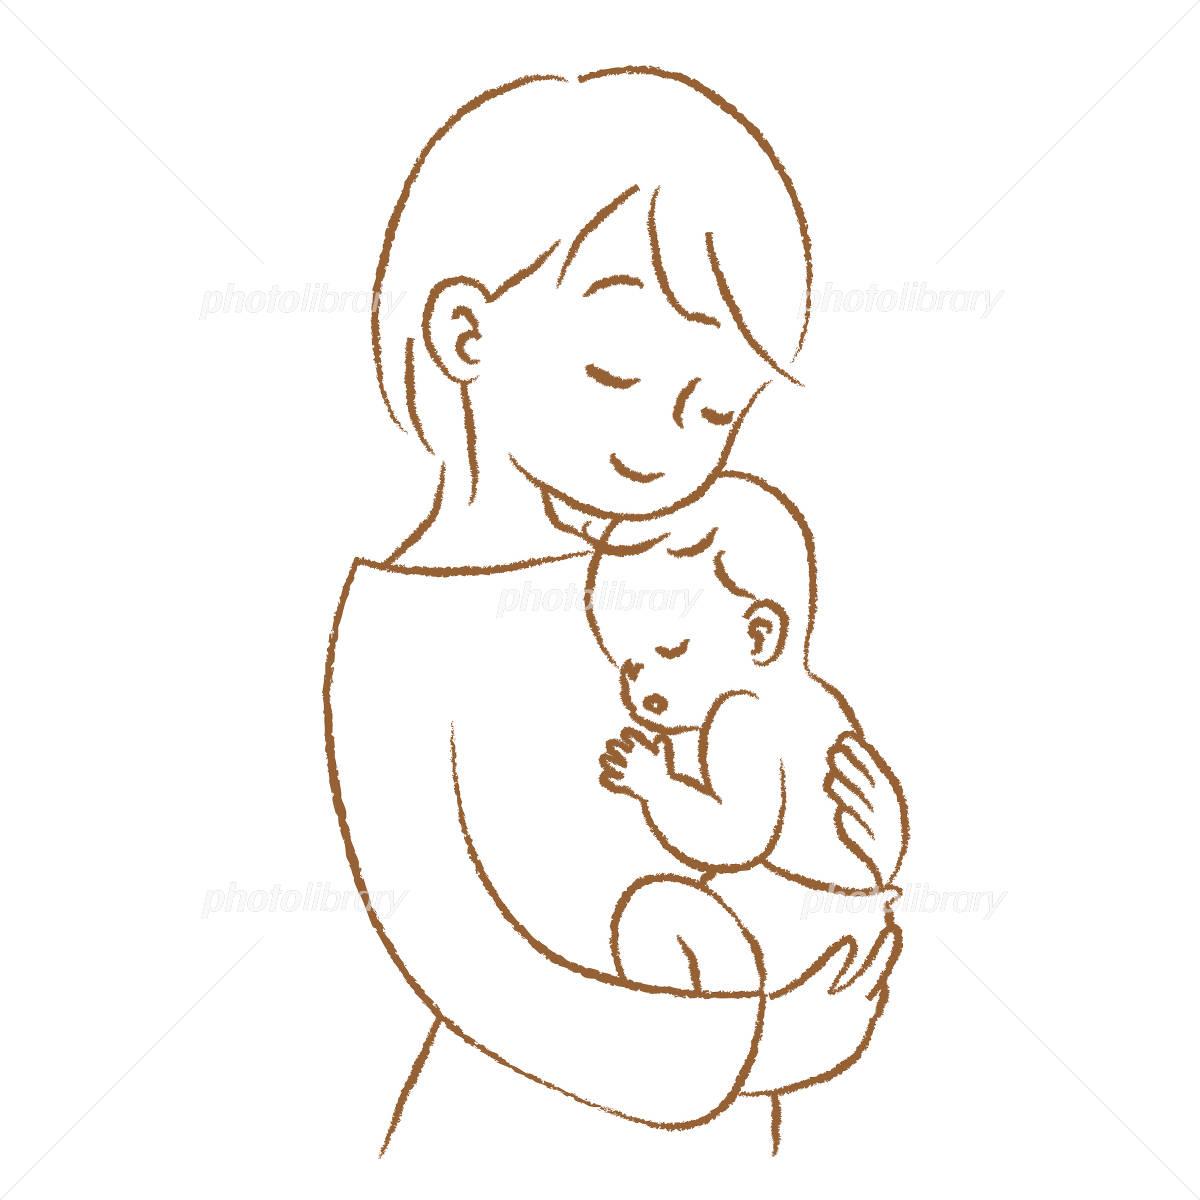 赤ちゃんとママ 抱っこ イラスト素材 2930551 フォトライブラリー